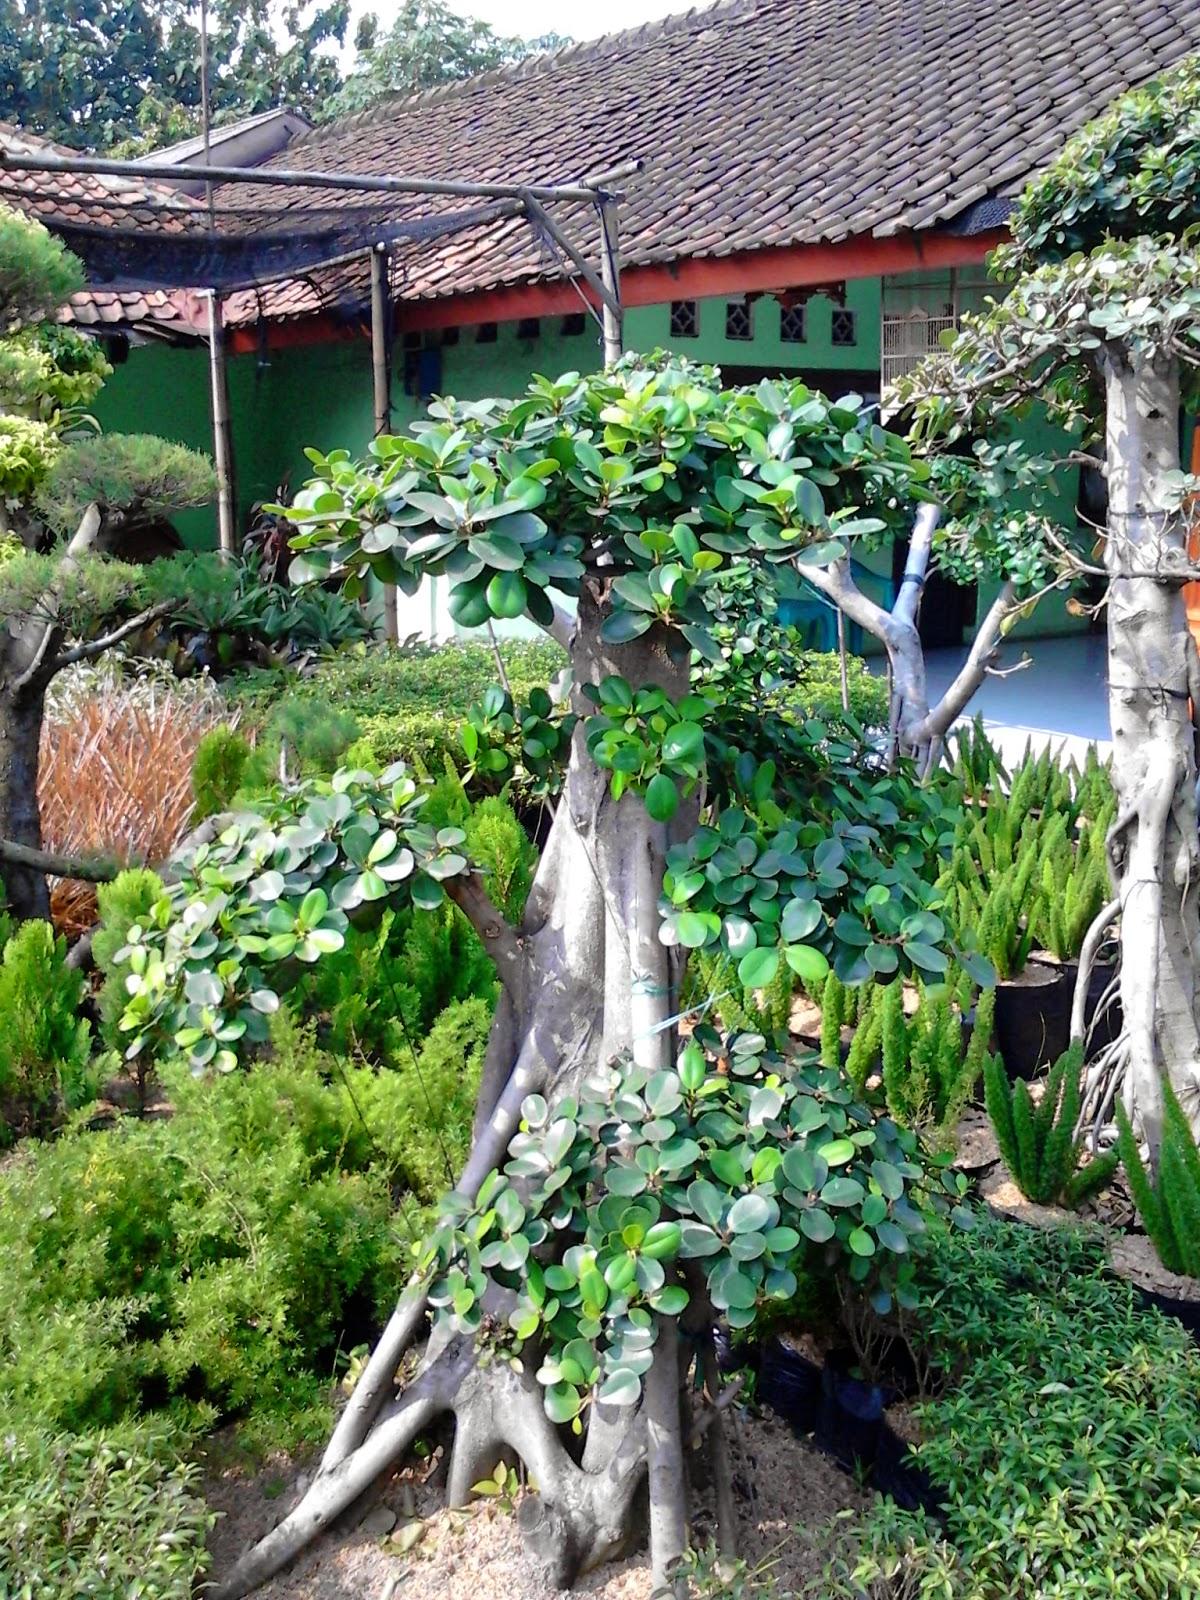 Jual pohon bonsai beringin korea,bonsai antingputri,bonsai cemara udang